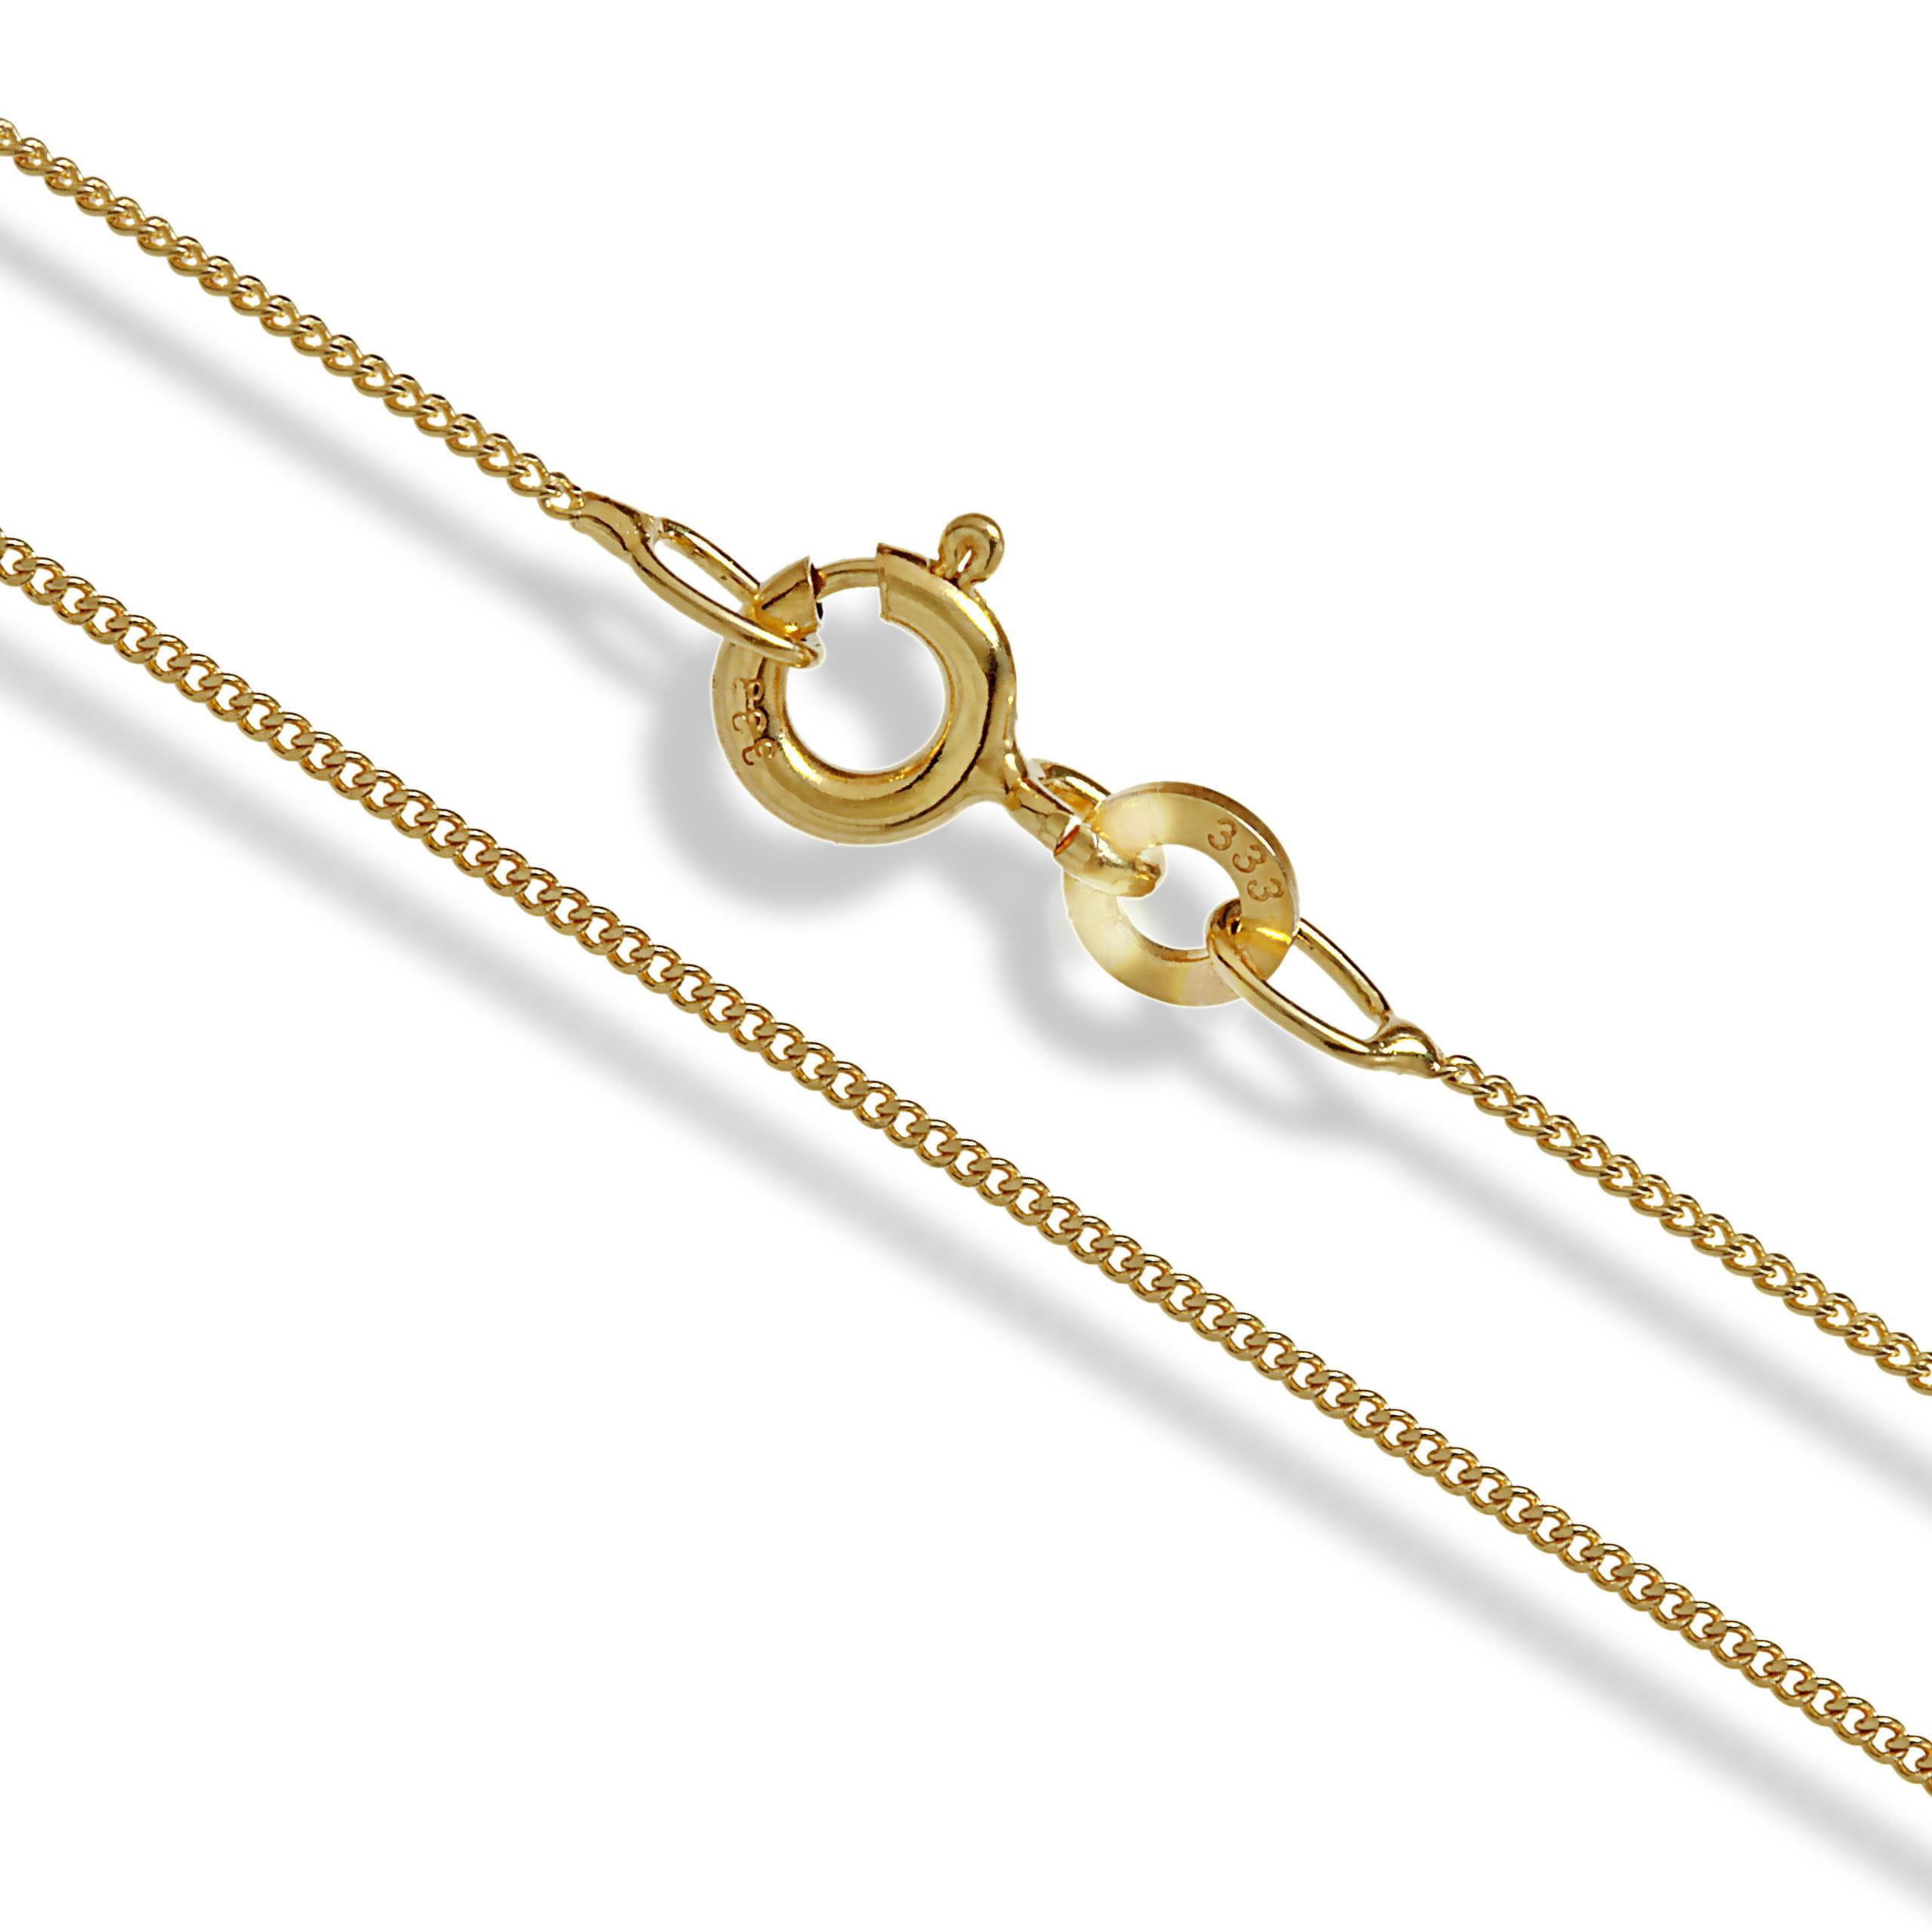 Goldkette damen hochzeit  Königskette Gold Double, 4 mm quadratisch, 45 cm, Halskette ...